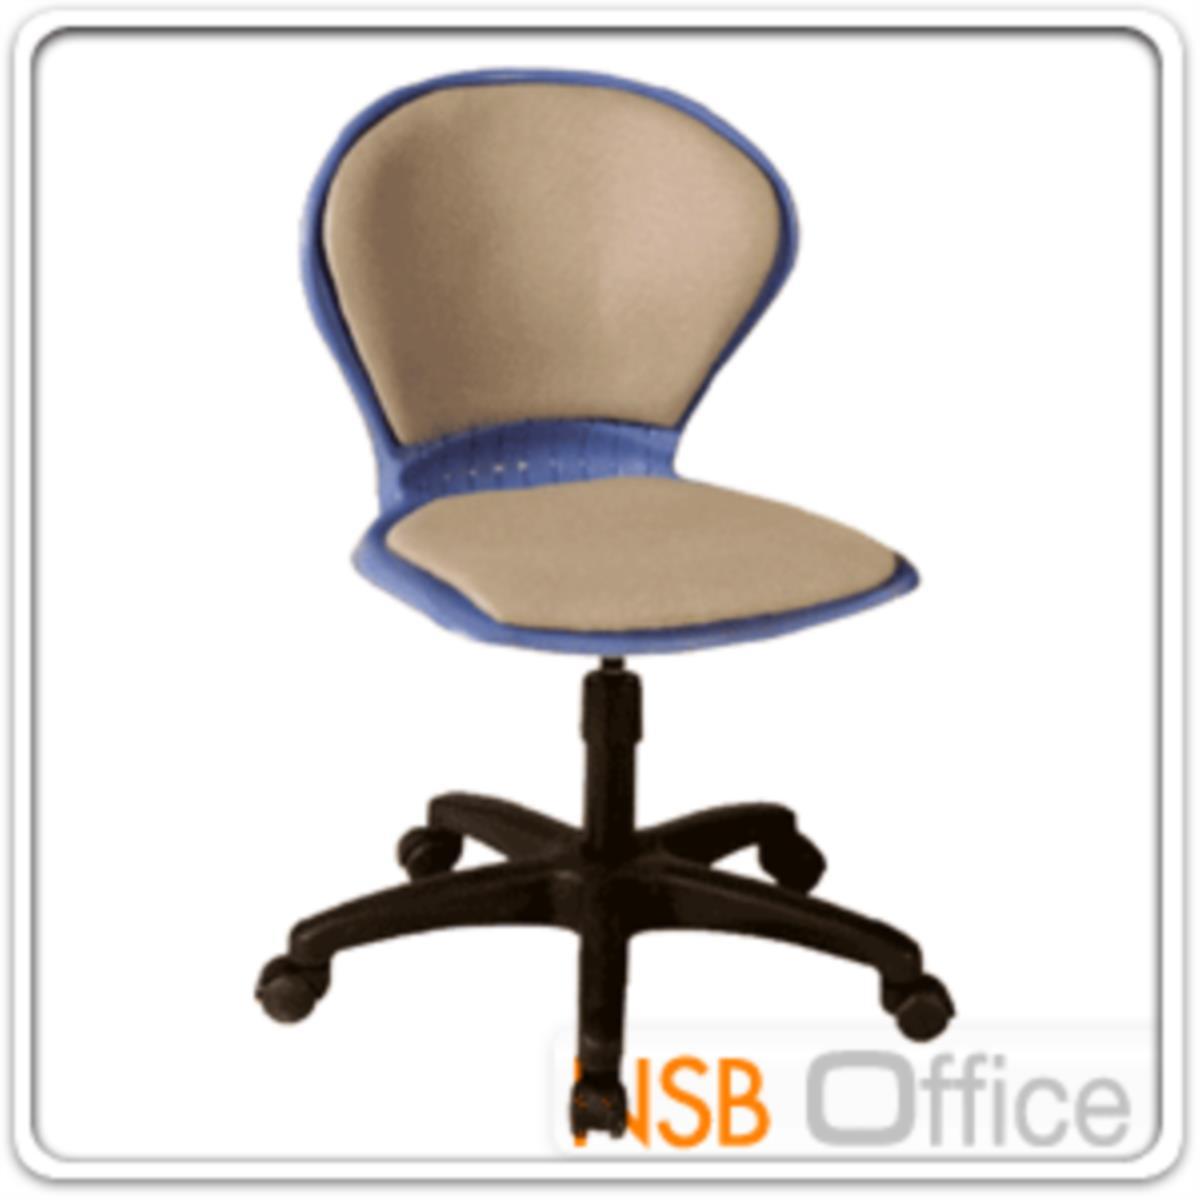 เก้าอี้สำนักงานโพลี่ รุ่น parley (พาร์เลย์)  ขาพลาสติก